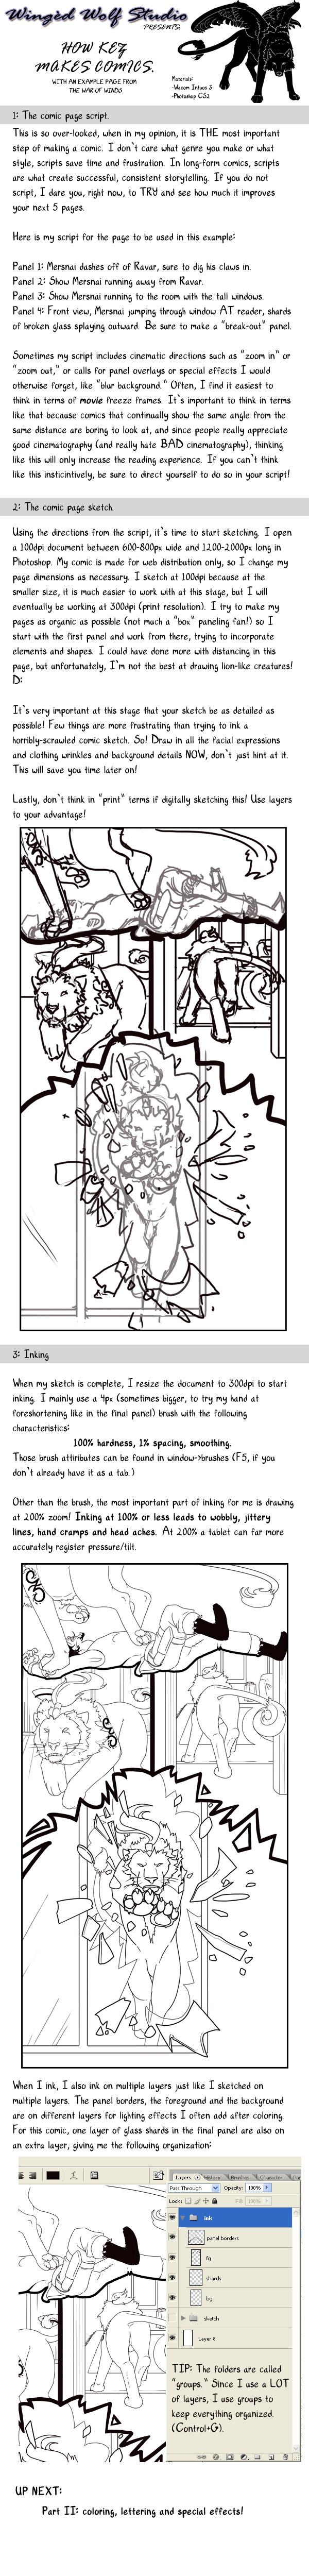 How Kez Makes Comics I